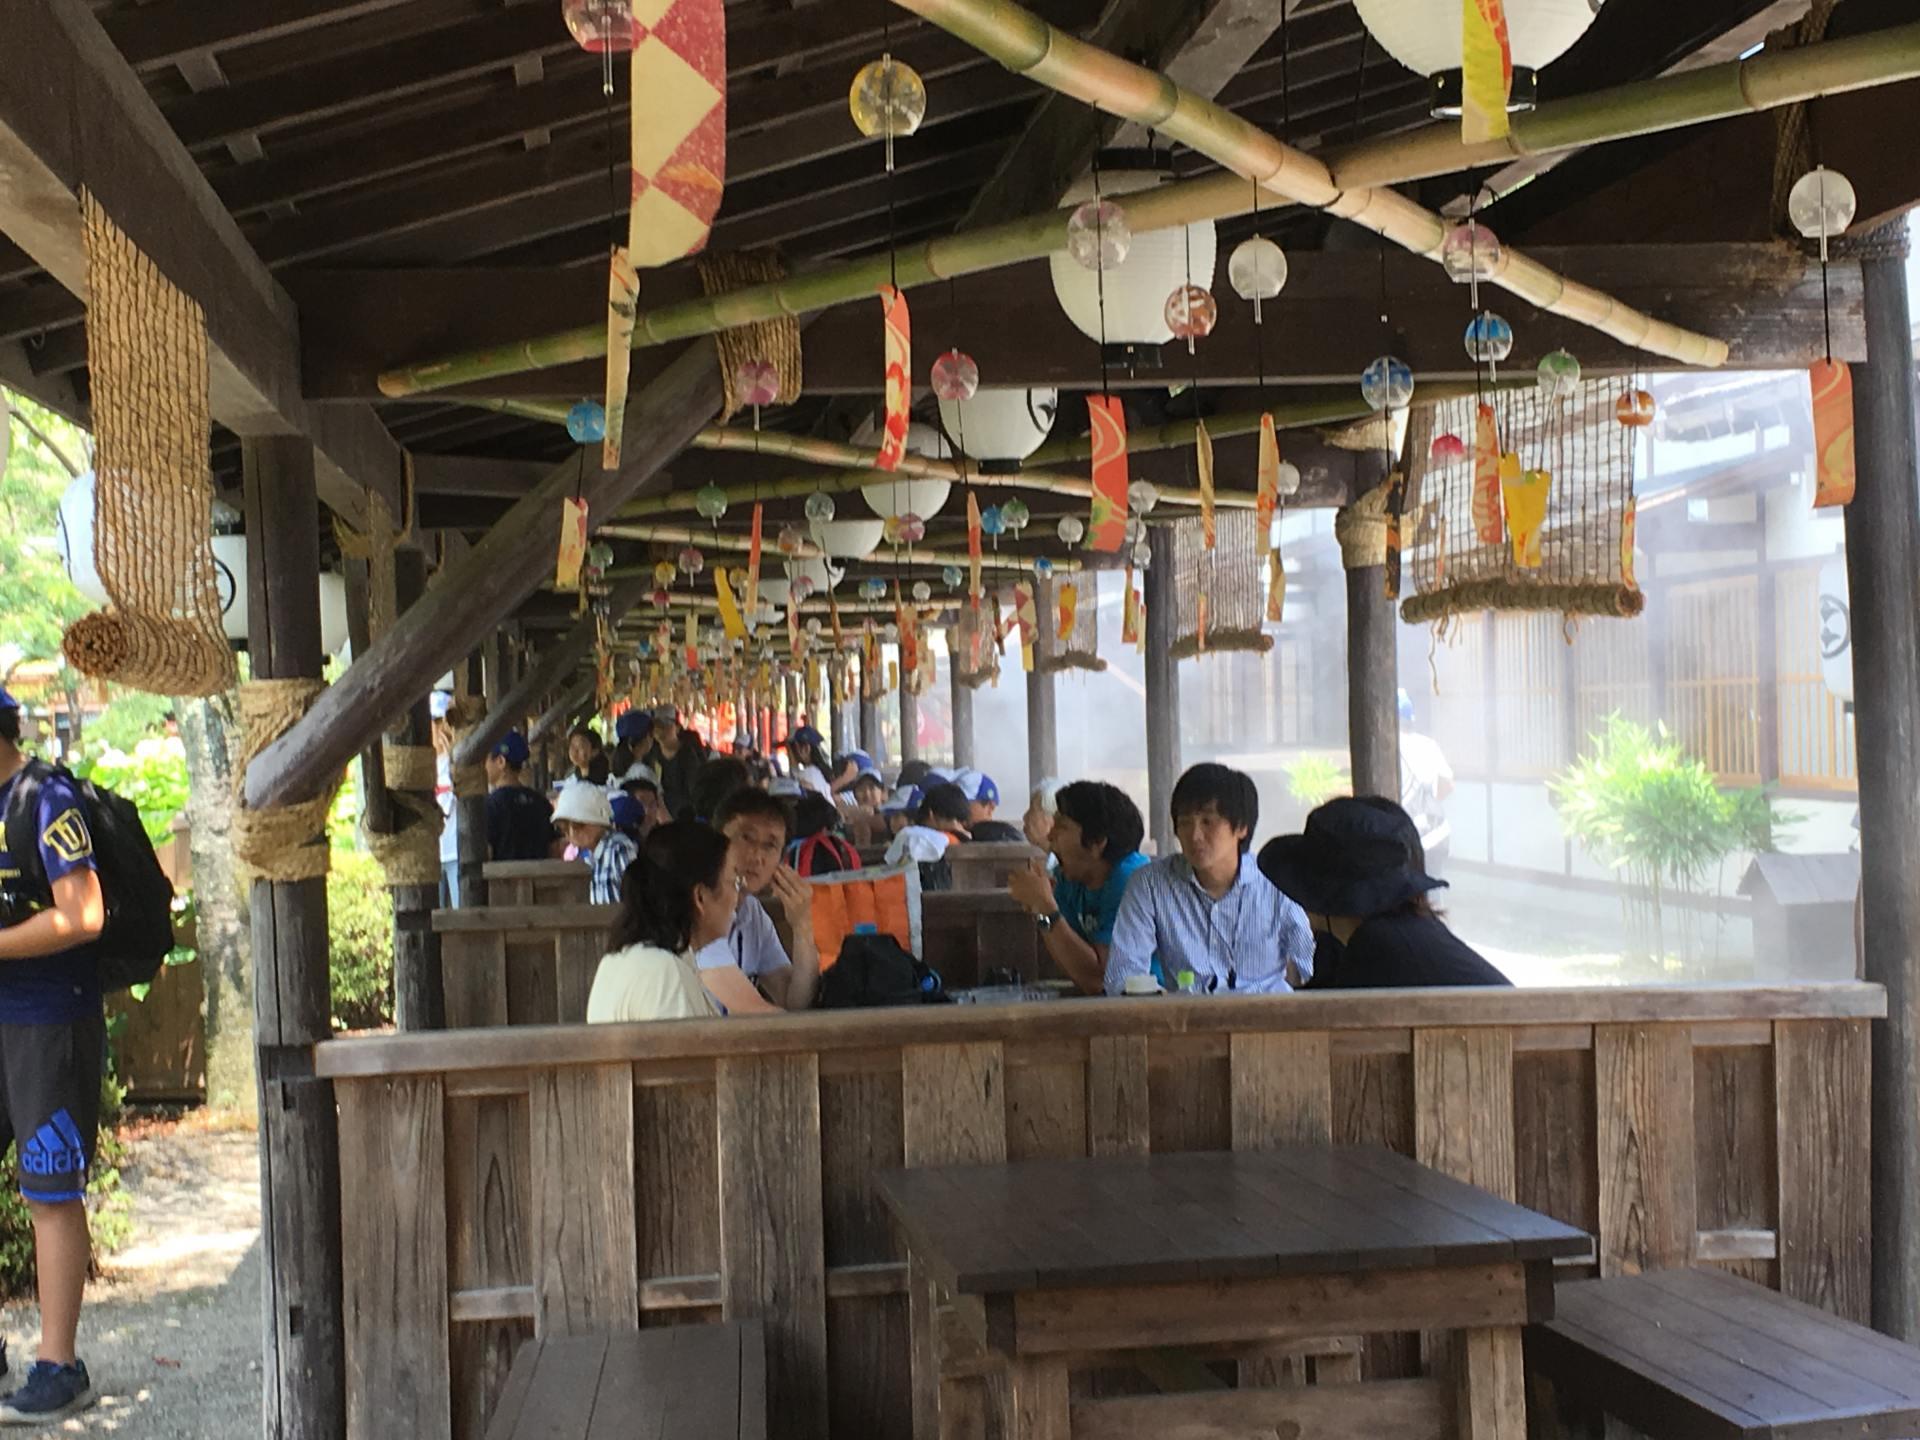 有點像中國古代酒肆一樣的簡易店鋪